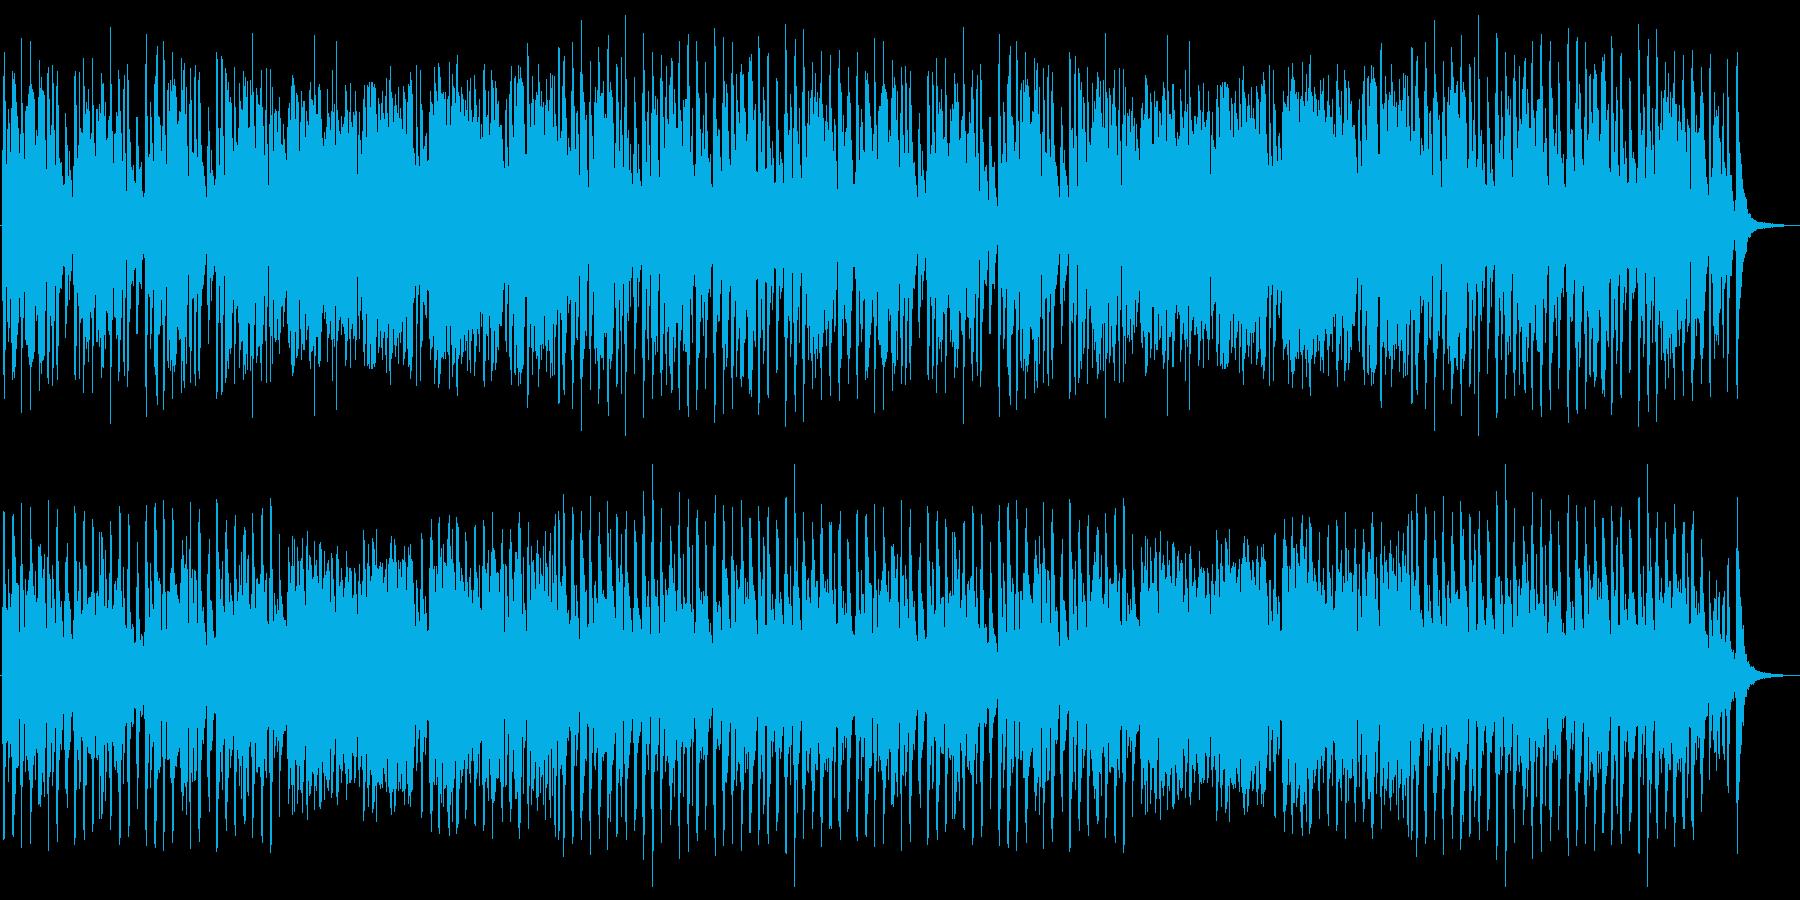 気品のあるクラシック調の楽曲の再生済みの波形